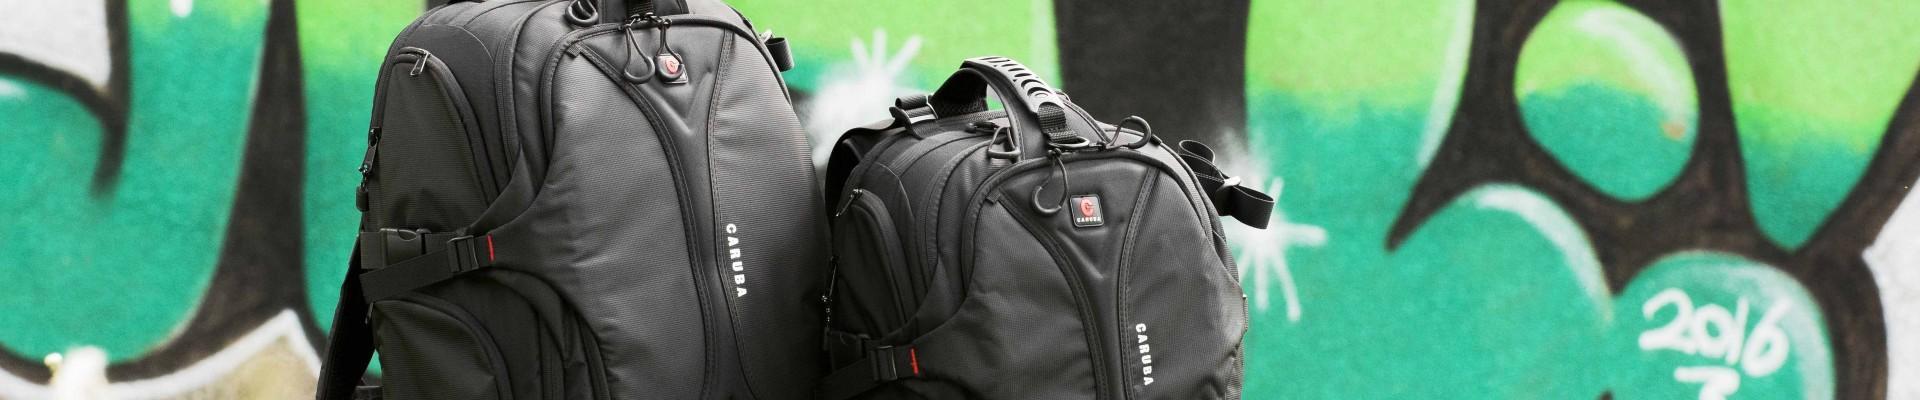 Caruba: d'accessoires pour appareils photo